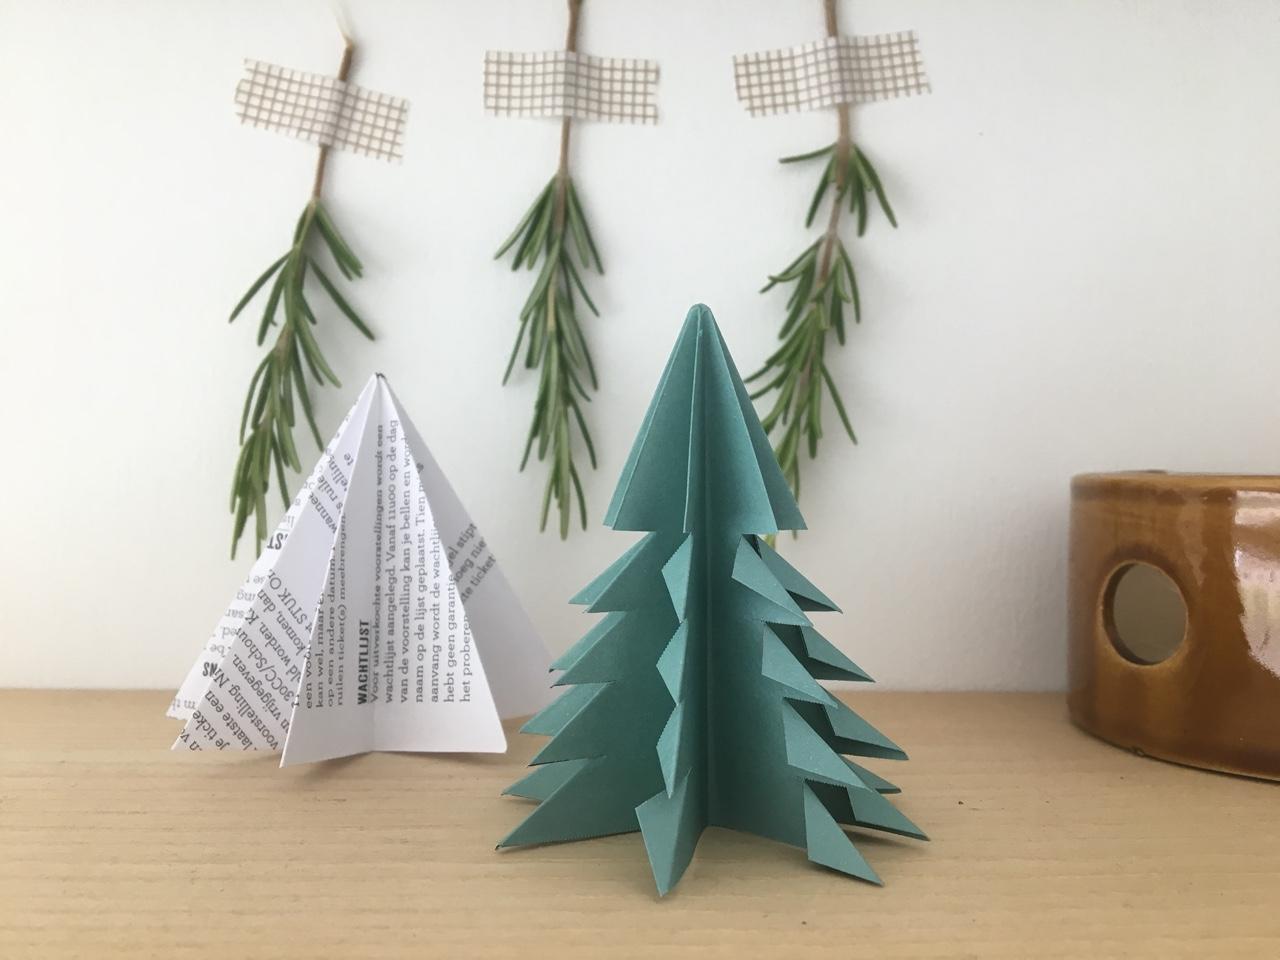 origami kerstboompje uit oud papier, appelzee.com